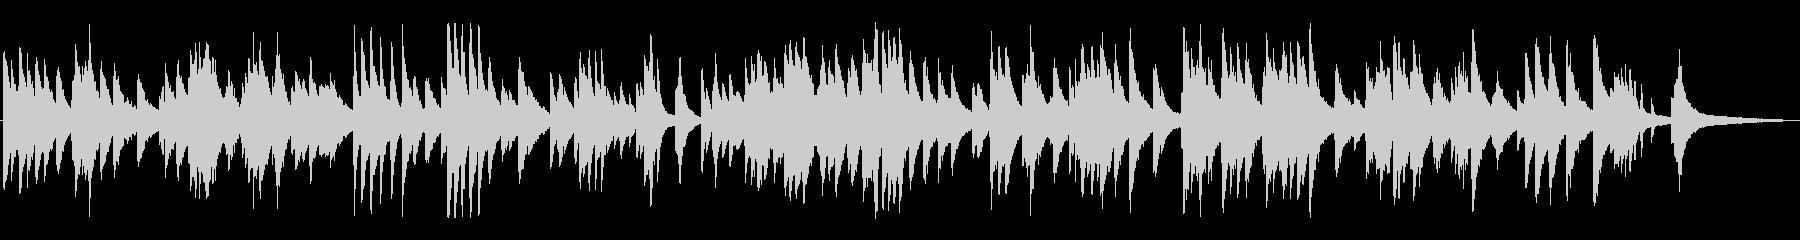 雰囲気のあるジャズ風ラウンジピアノソロの未再生の波形